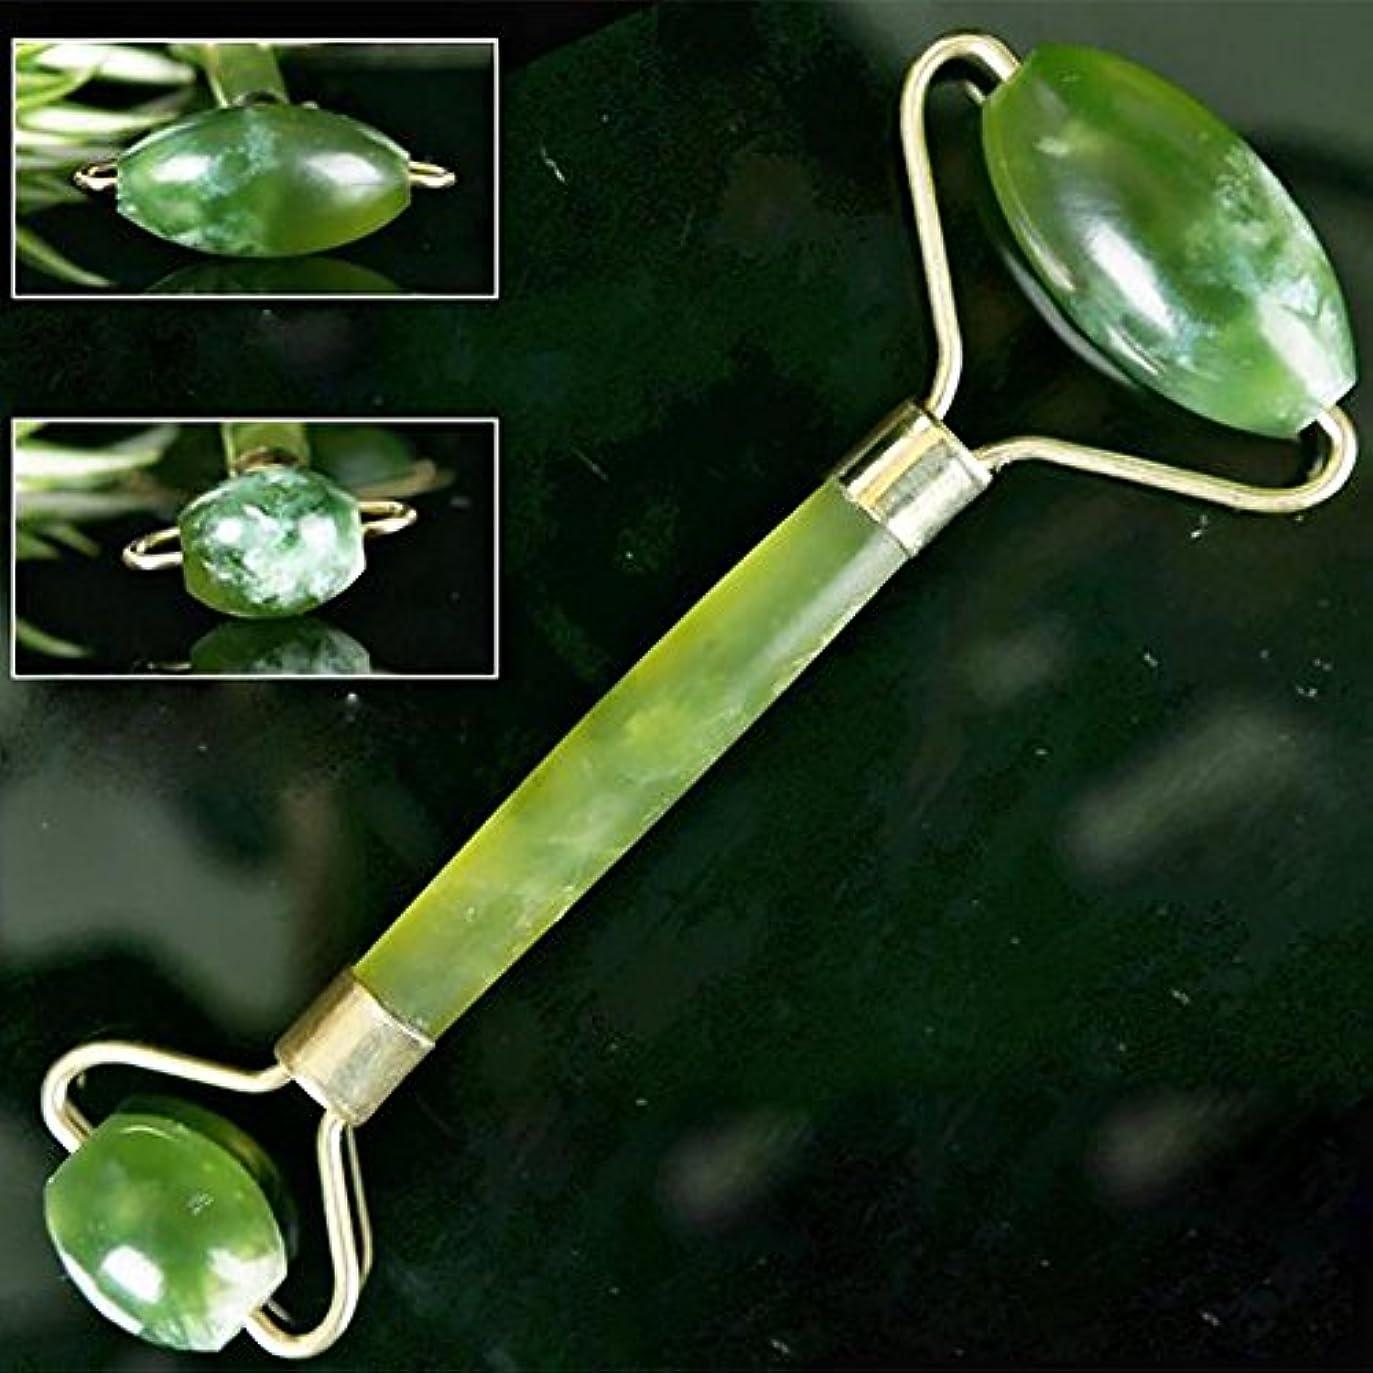 サンドイッチ談話老朽化したEcho & Kern 翡翠ローラーフェイスマッサジローラーGreen Crystal Double head Jade Roller